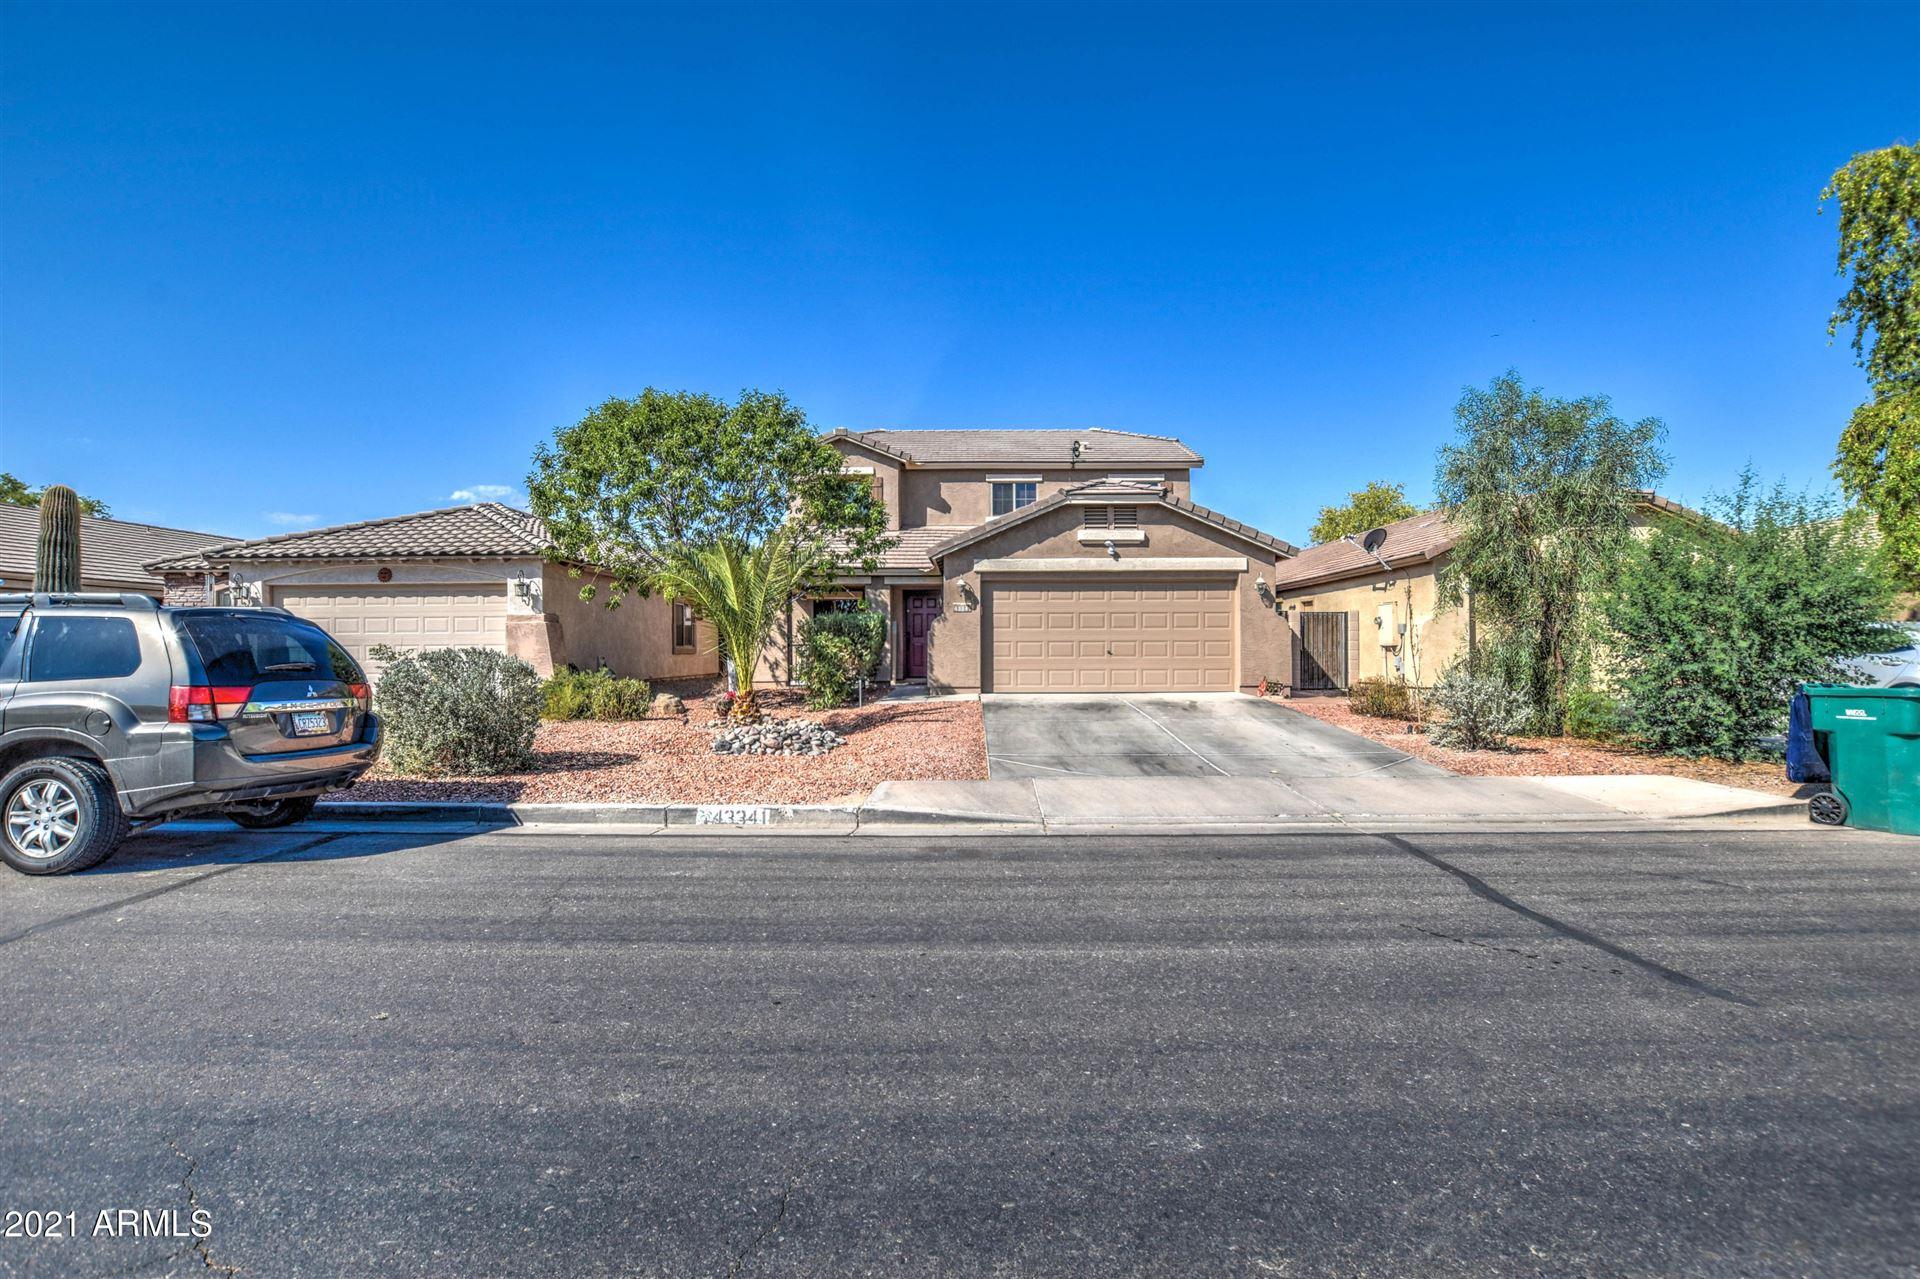 Photo for 43341 W BLAZEN Trail, Maricopa, AZ 85138 (MLS # 6264609)